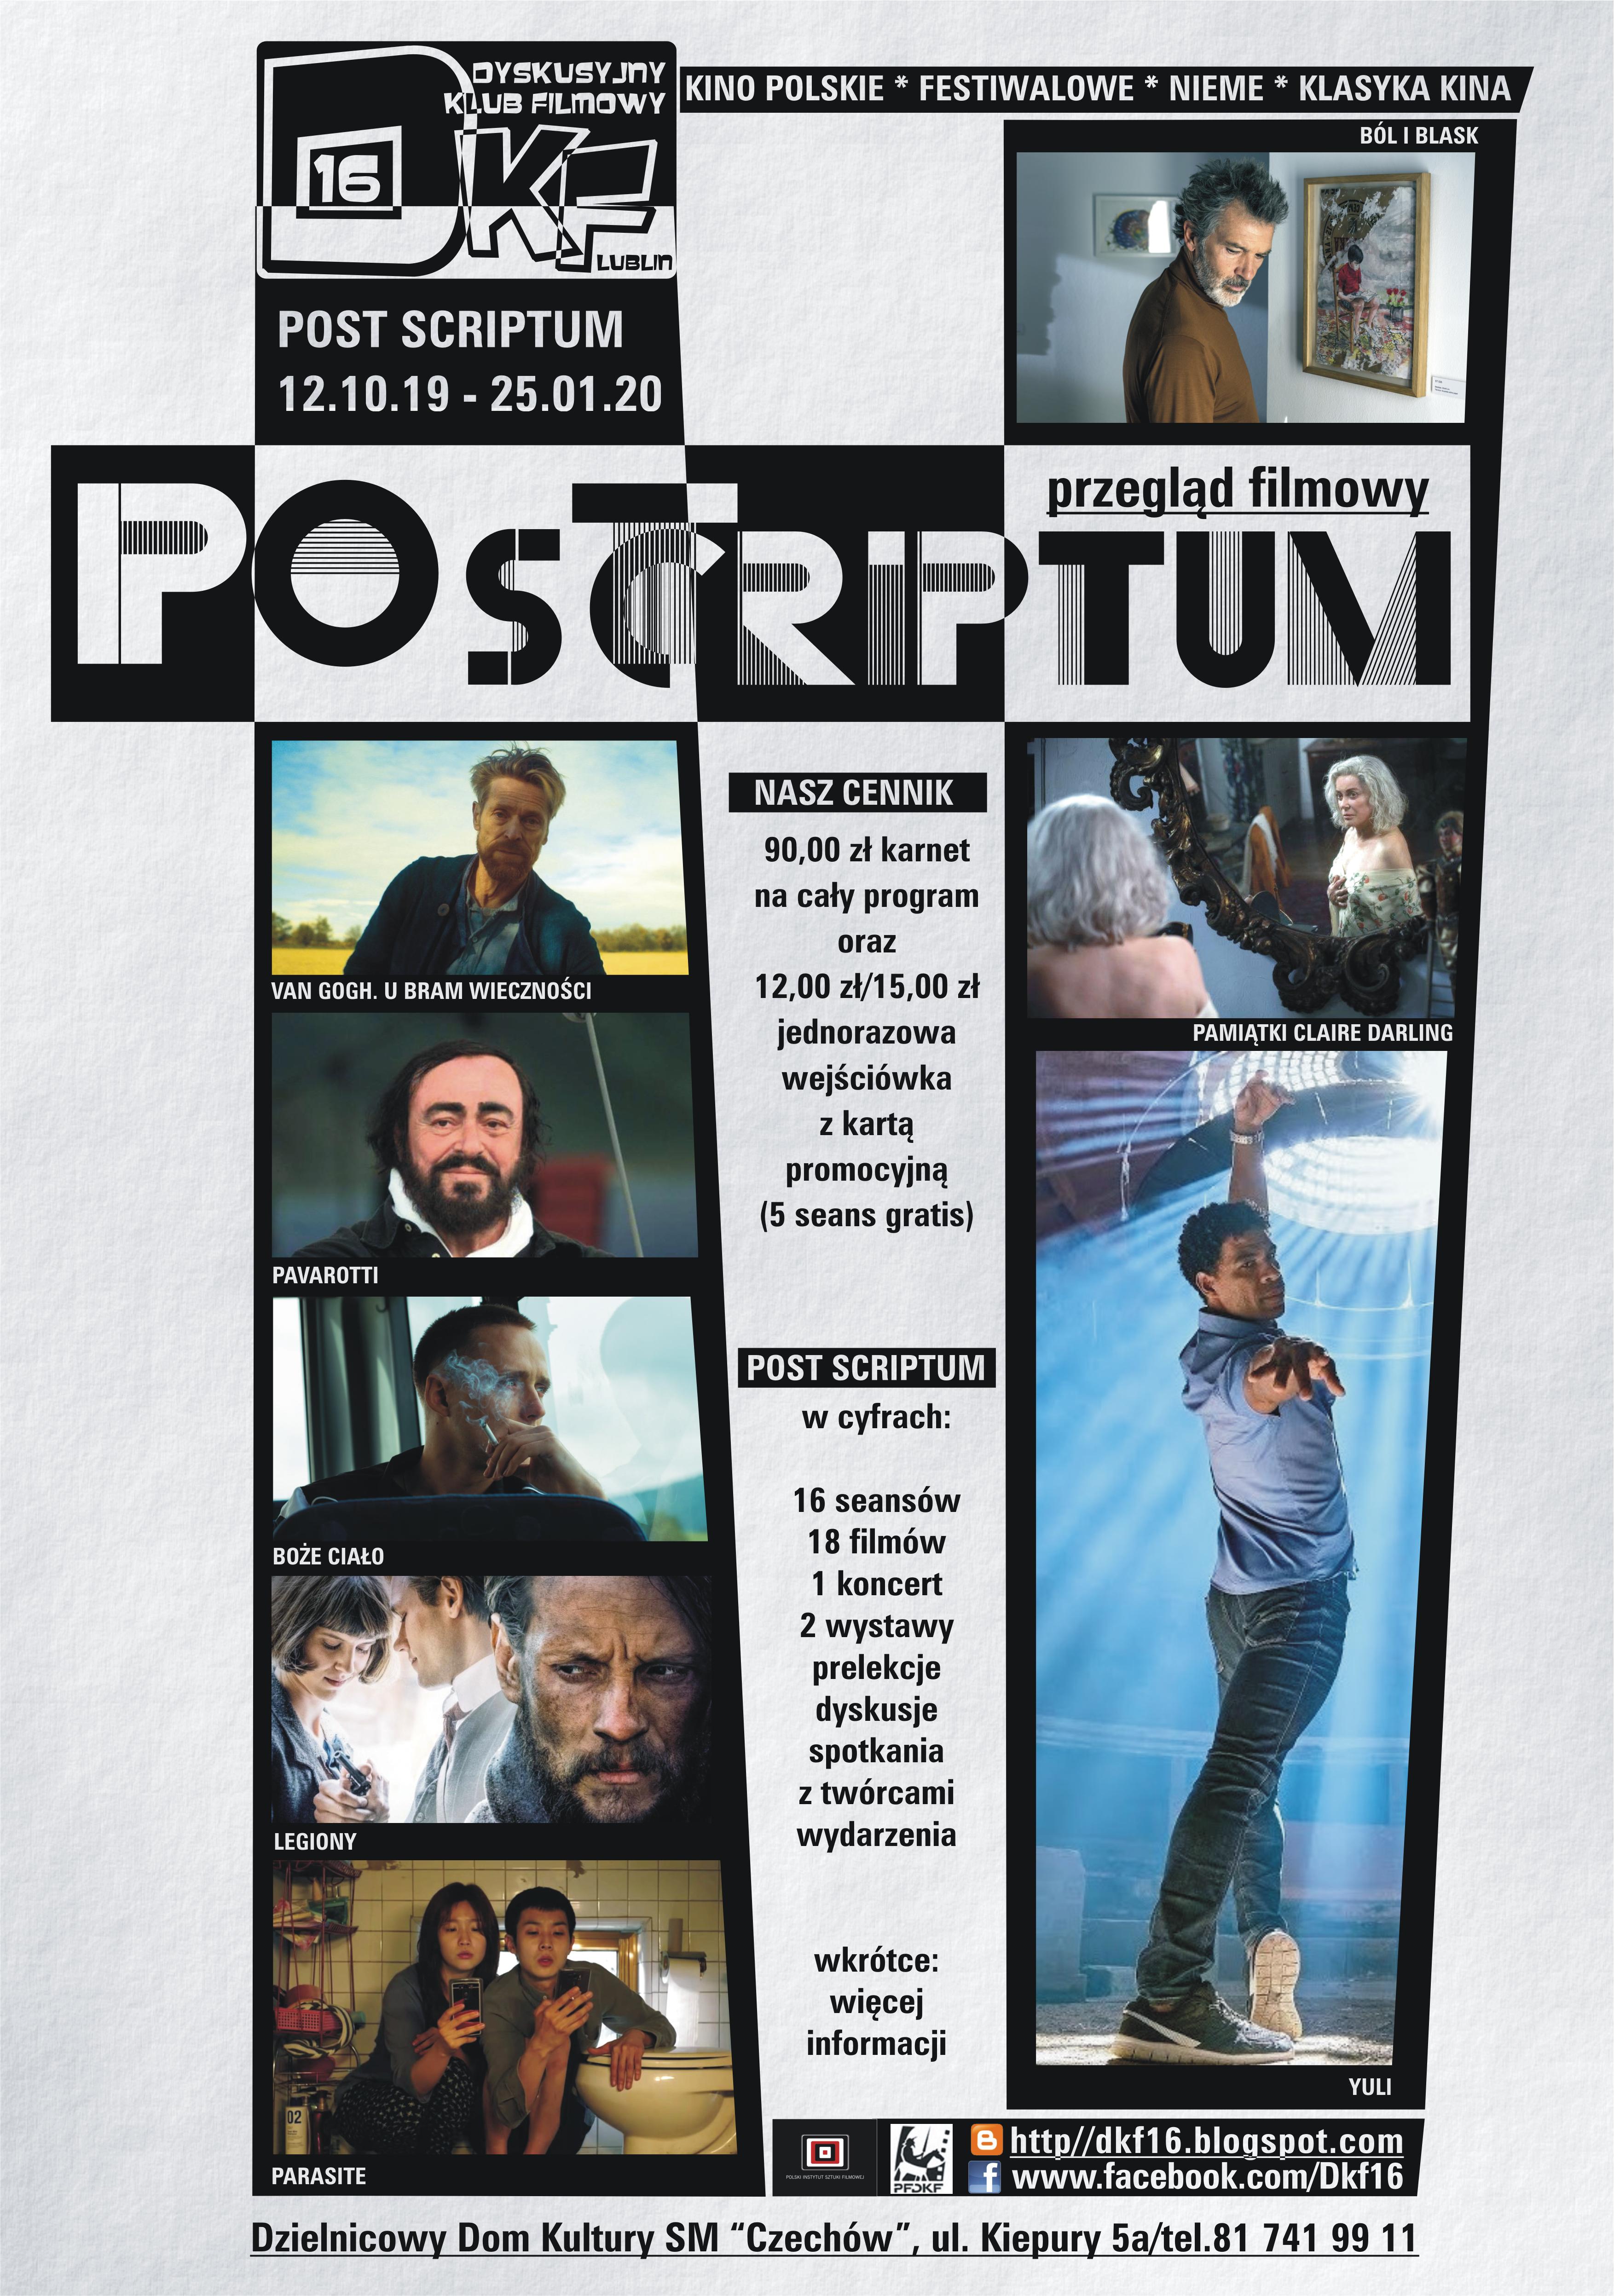 Post Scriptum 2019/2020